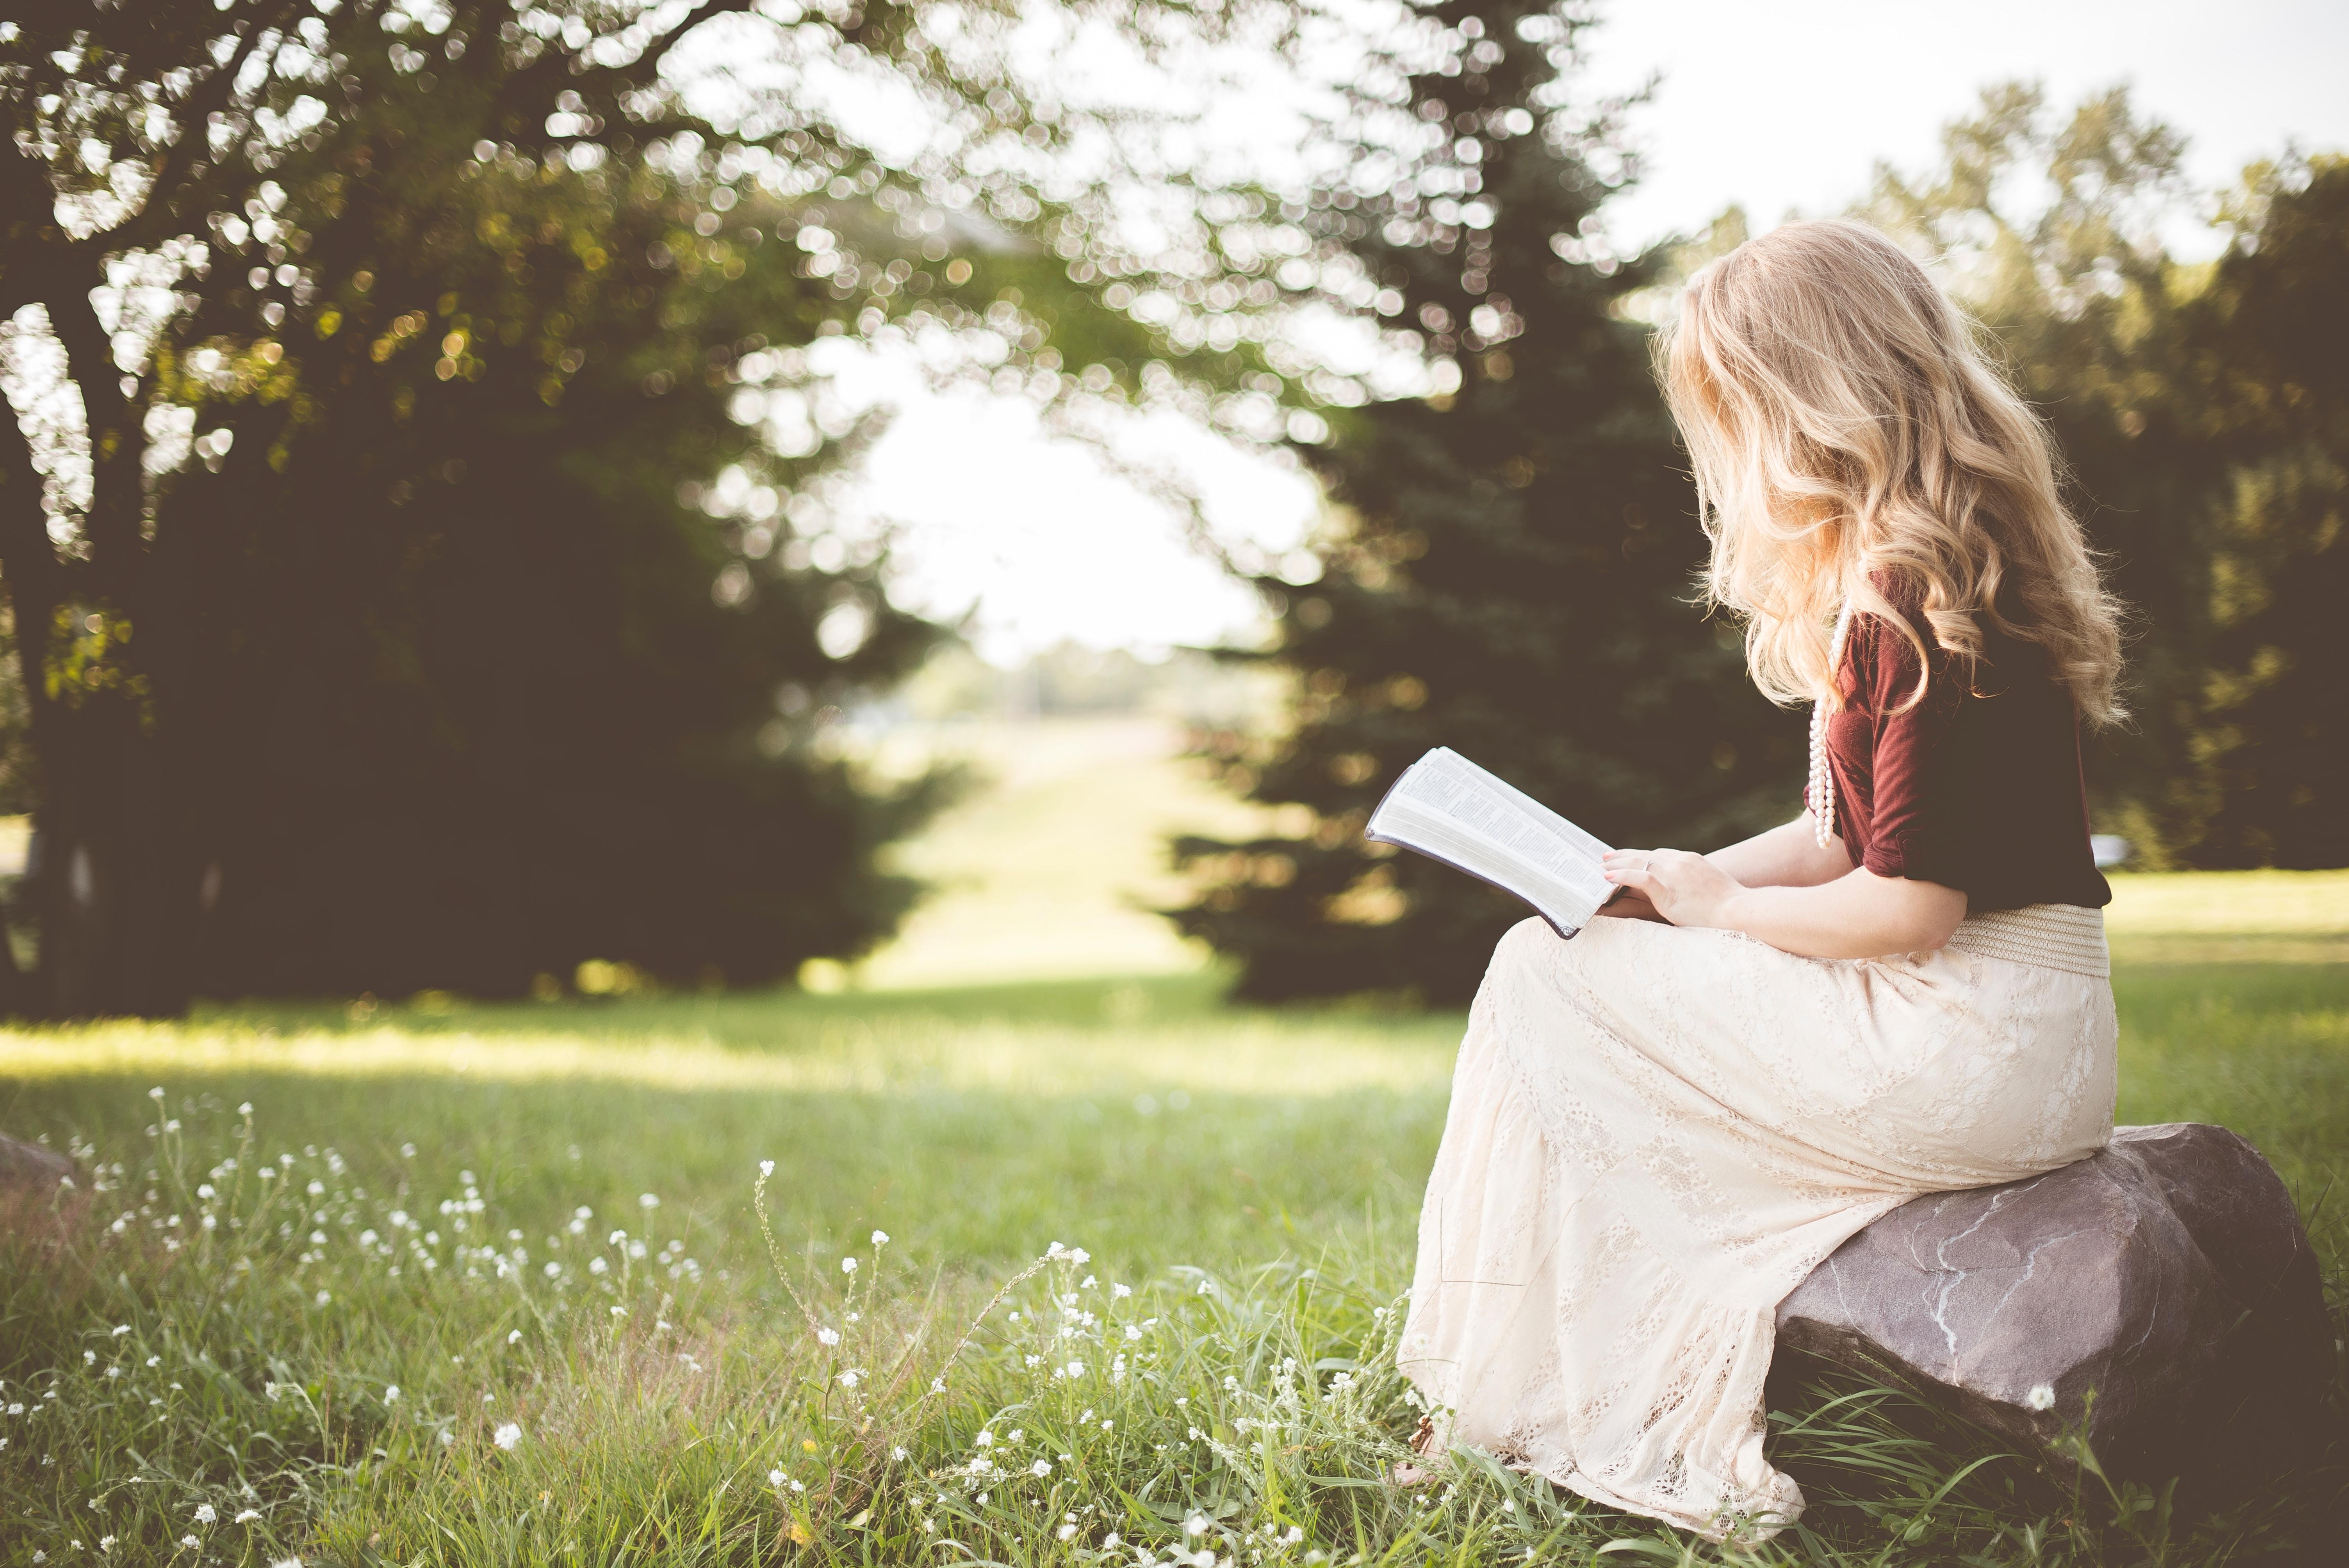 ben white 138743 - Aime une fille qui lit, un texte de Rosemarie Urquico